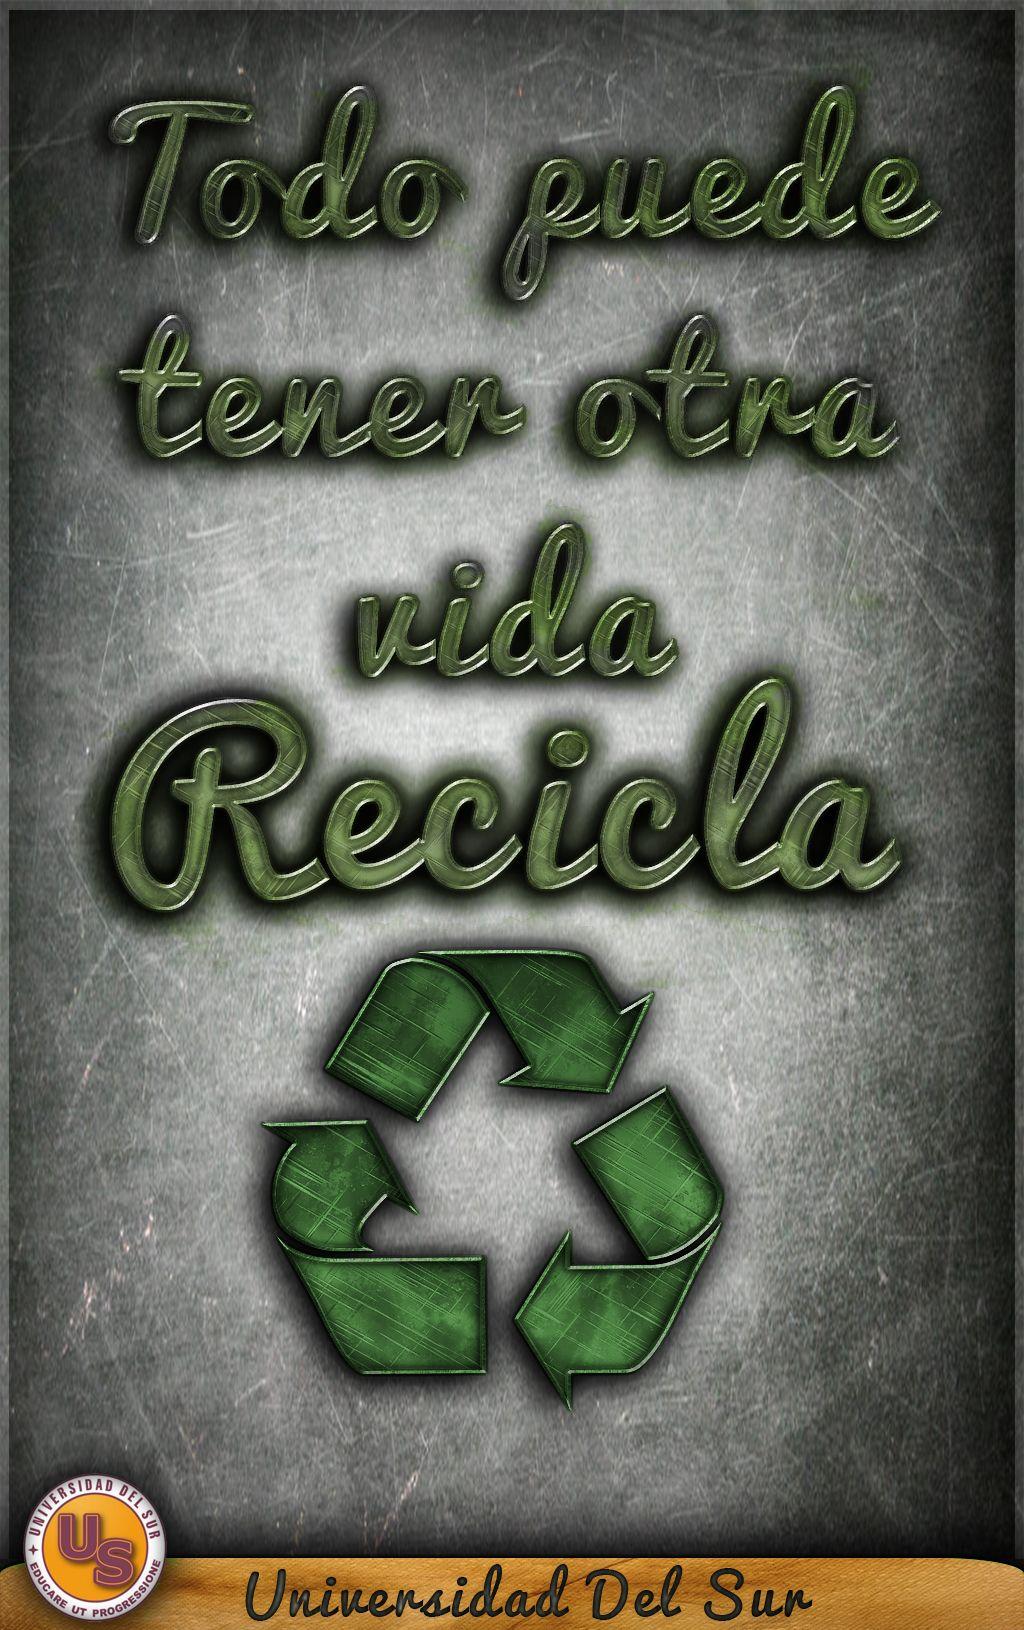 Todo puede tener otra vida, Recicla! #UniversidadDelSur